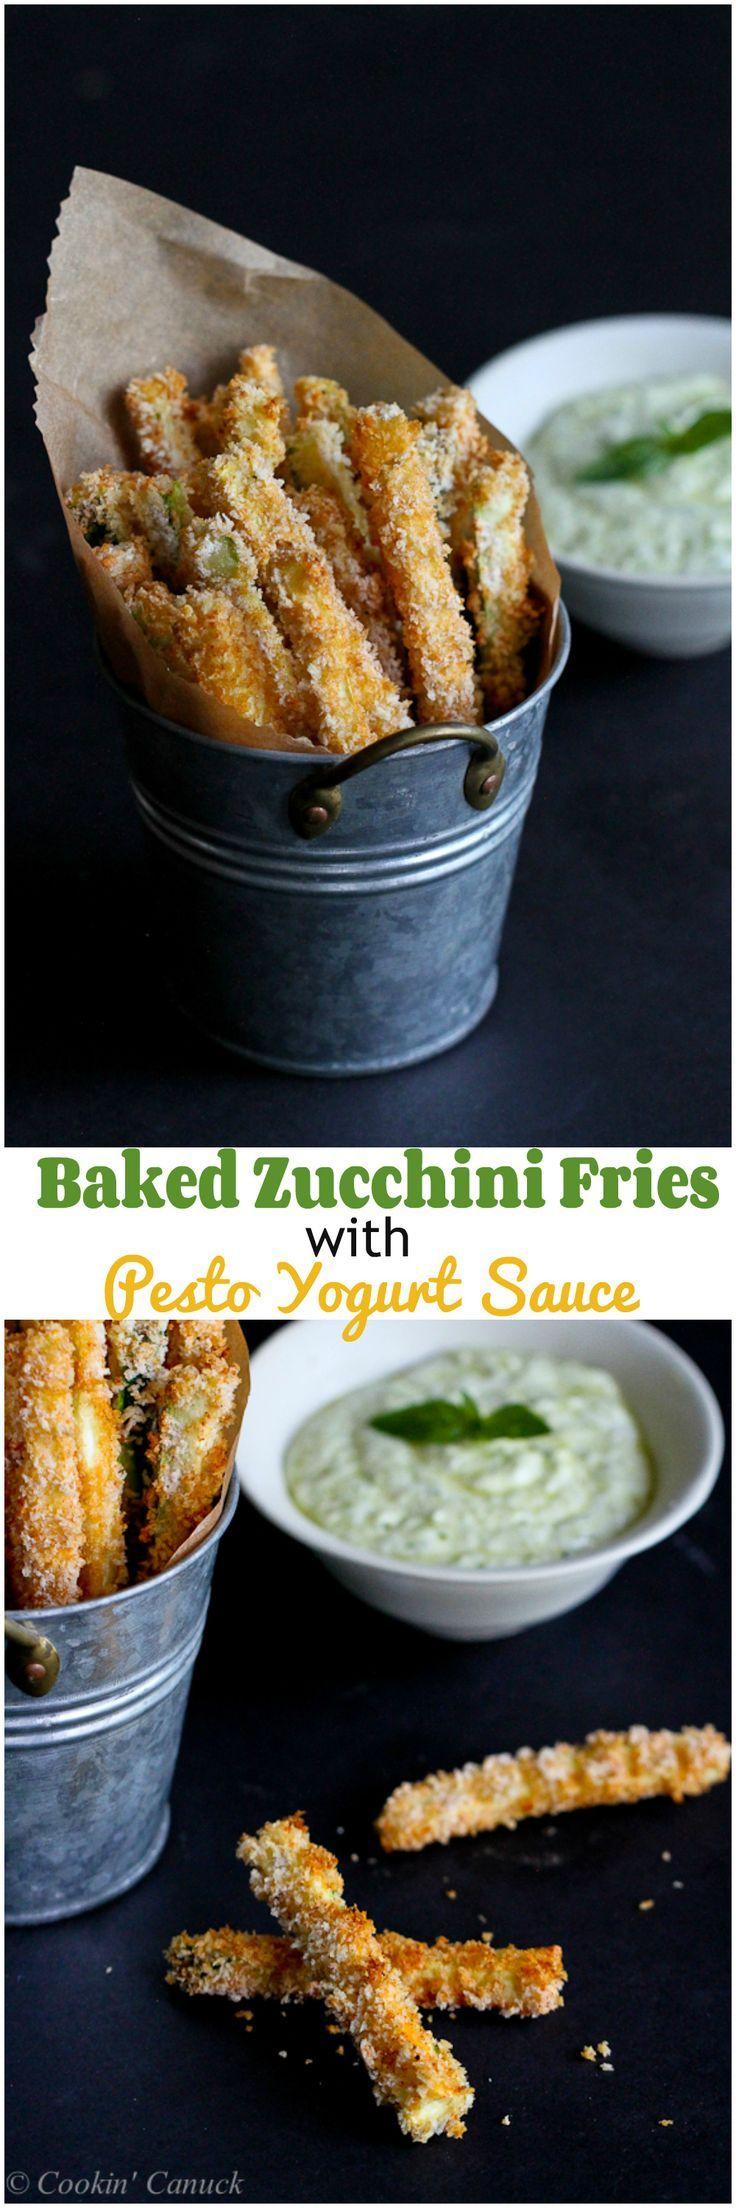 Papas al horno calabacín con Pesto yogurt salsa de inmersión ... 112 calorías y 3 Weight Watchers PP    cookincanuck.com #vegetarian #recipe: